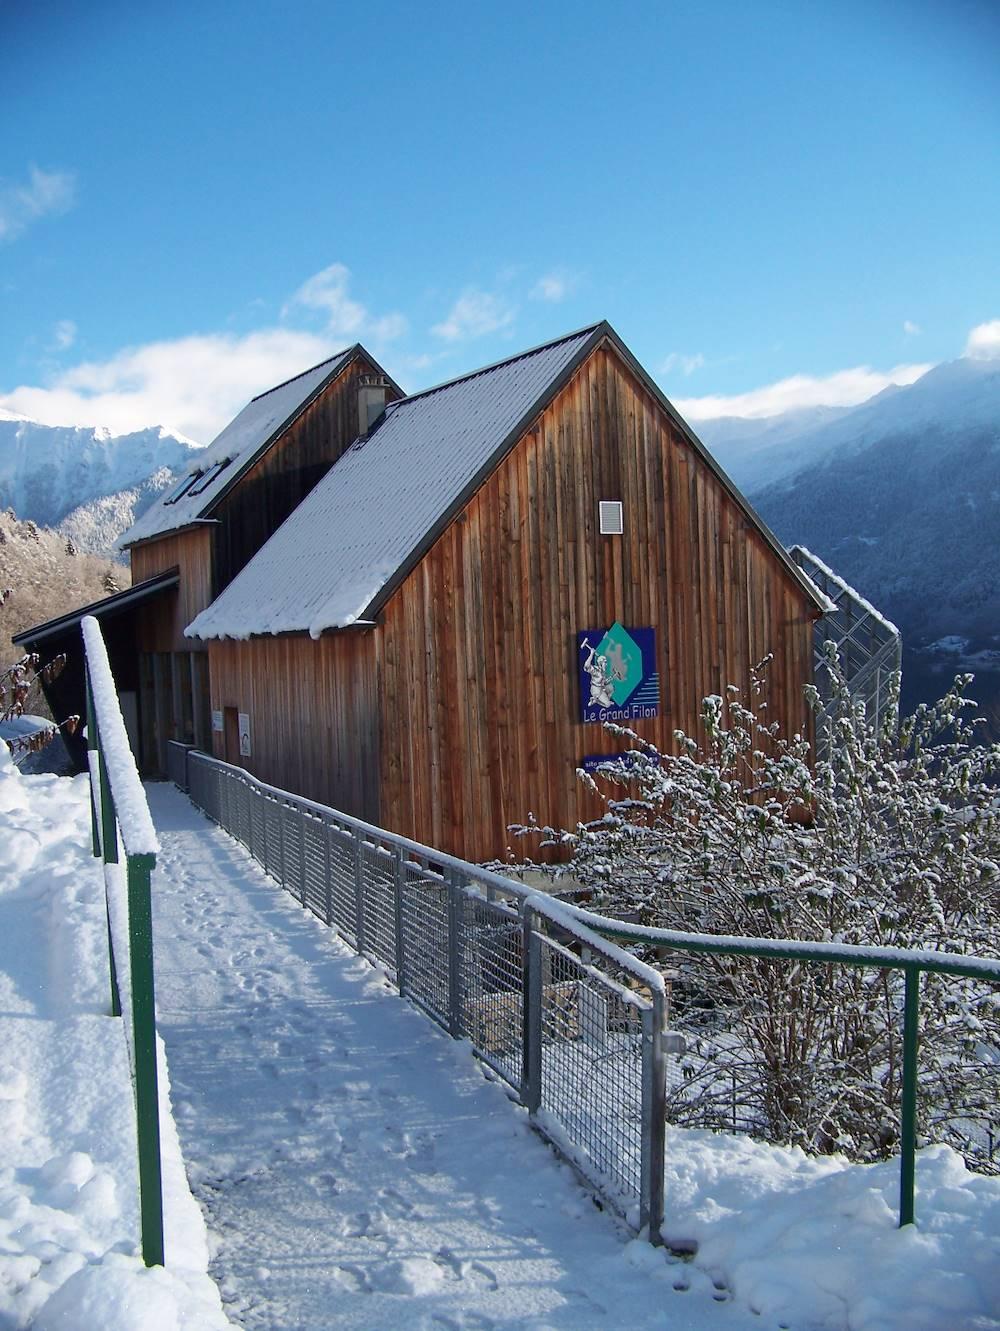 Le Grand Filon Hiver © OT Porte de Maurienne